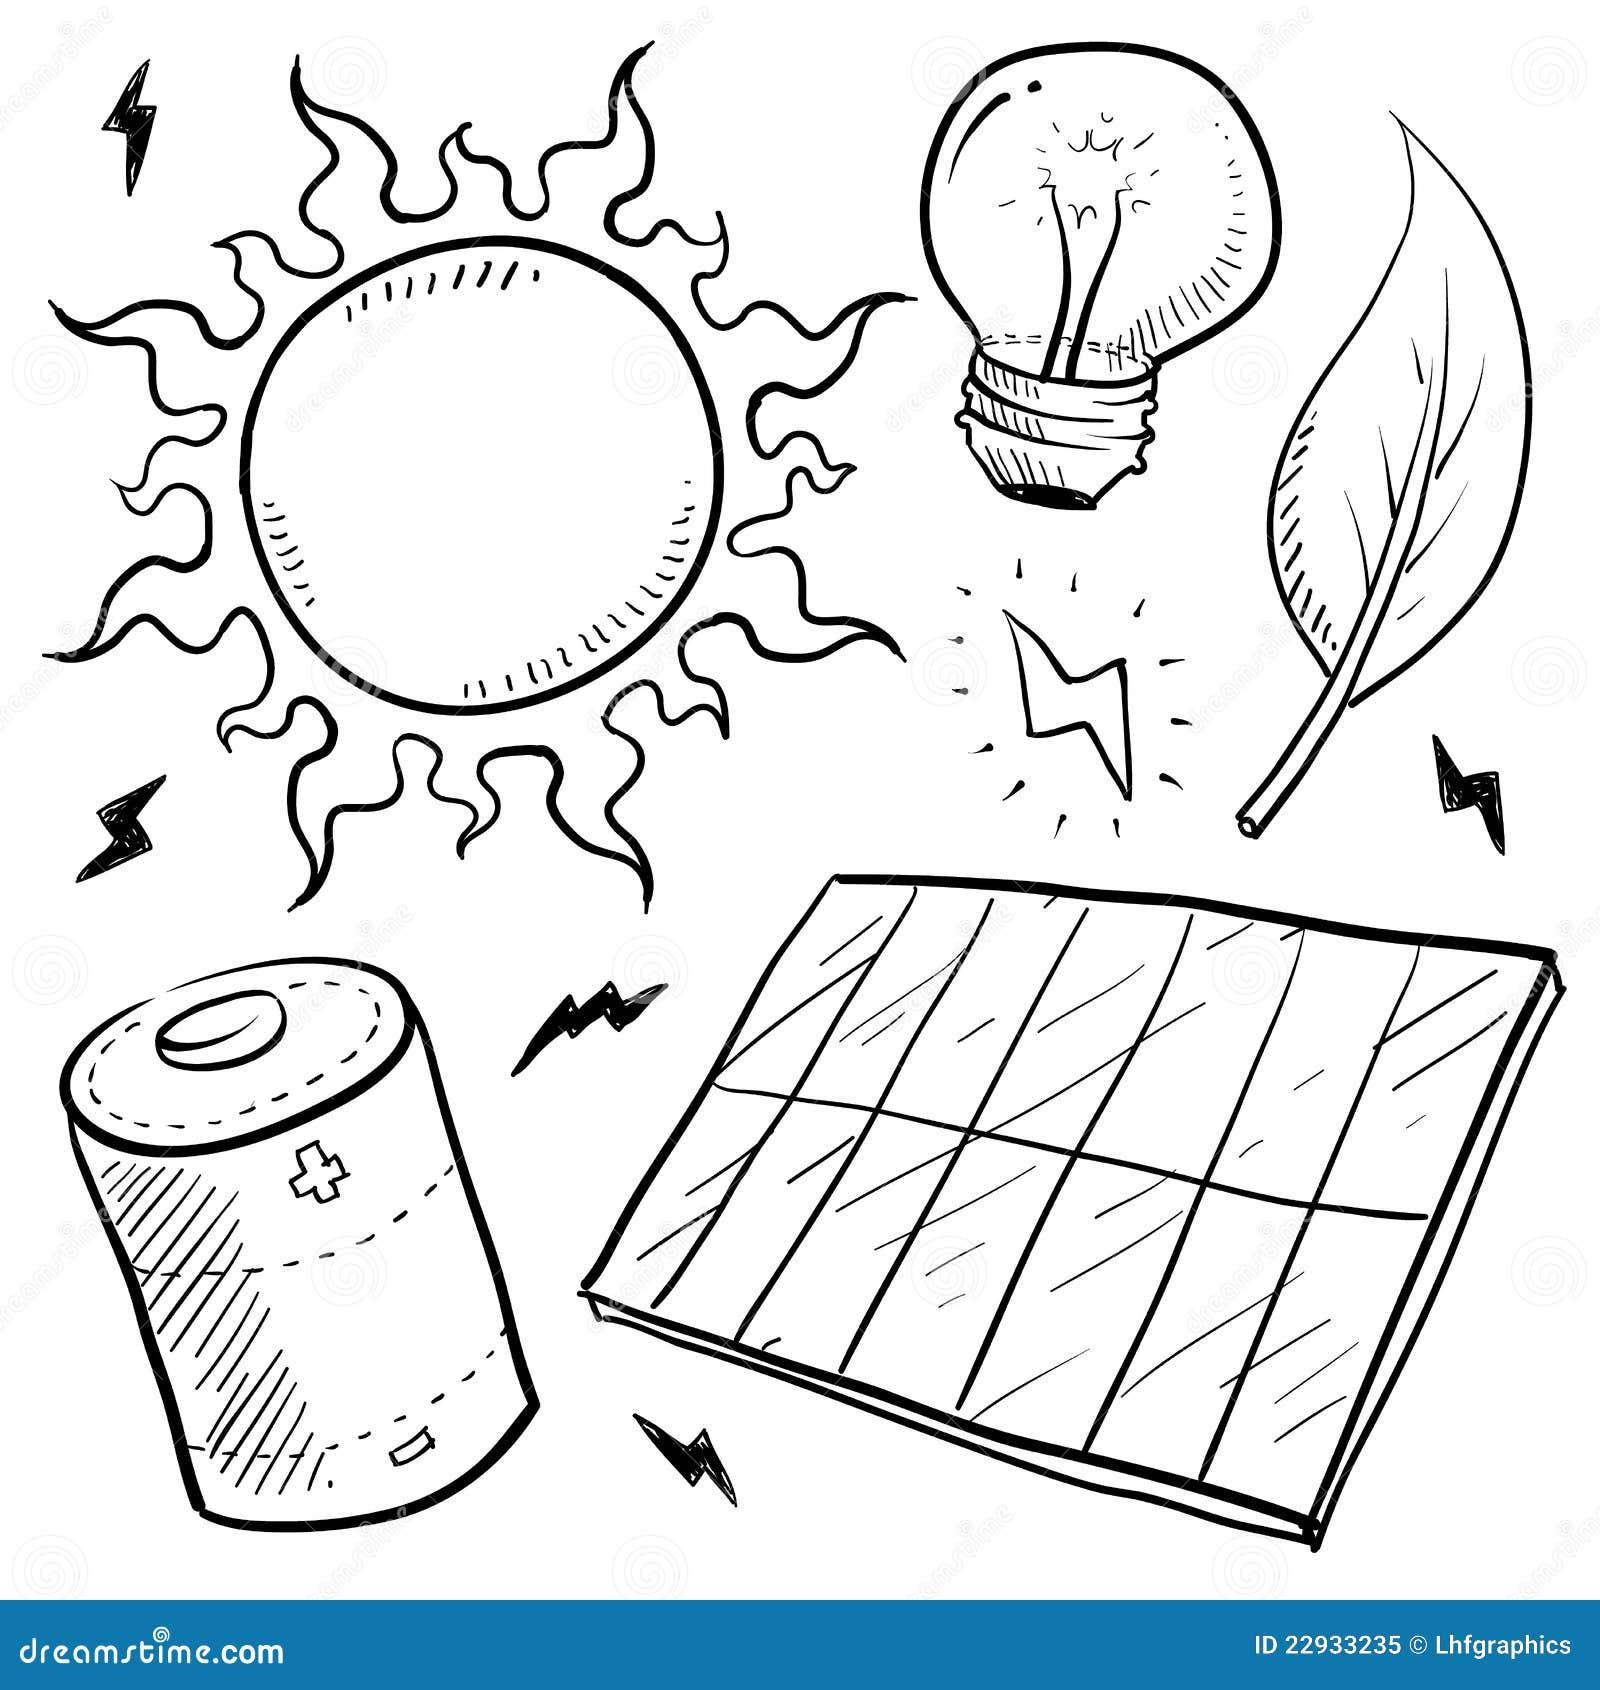 Vistoso Energía Monstruo Para Colorear Embellecimiento - Dibujos ...